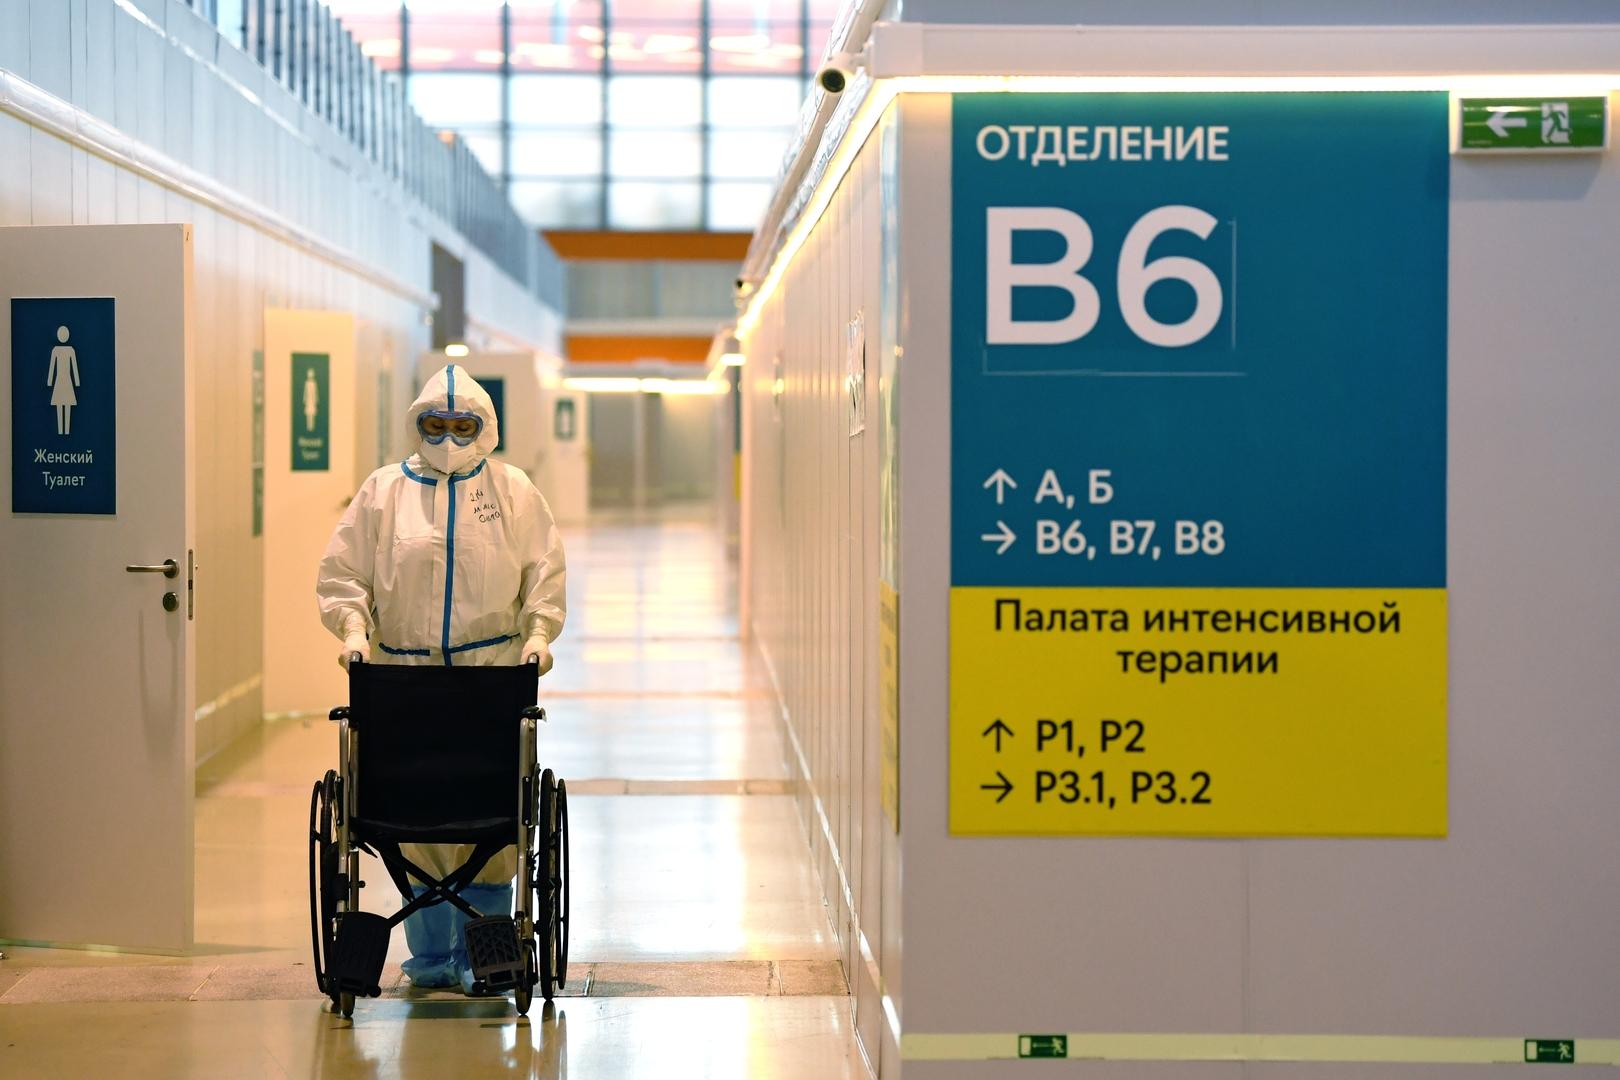 روسيا تسجل 792 وفاة وأكثر من 18.8 ألف إصابة بكورونا